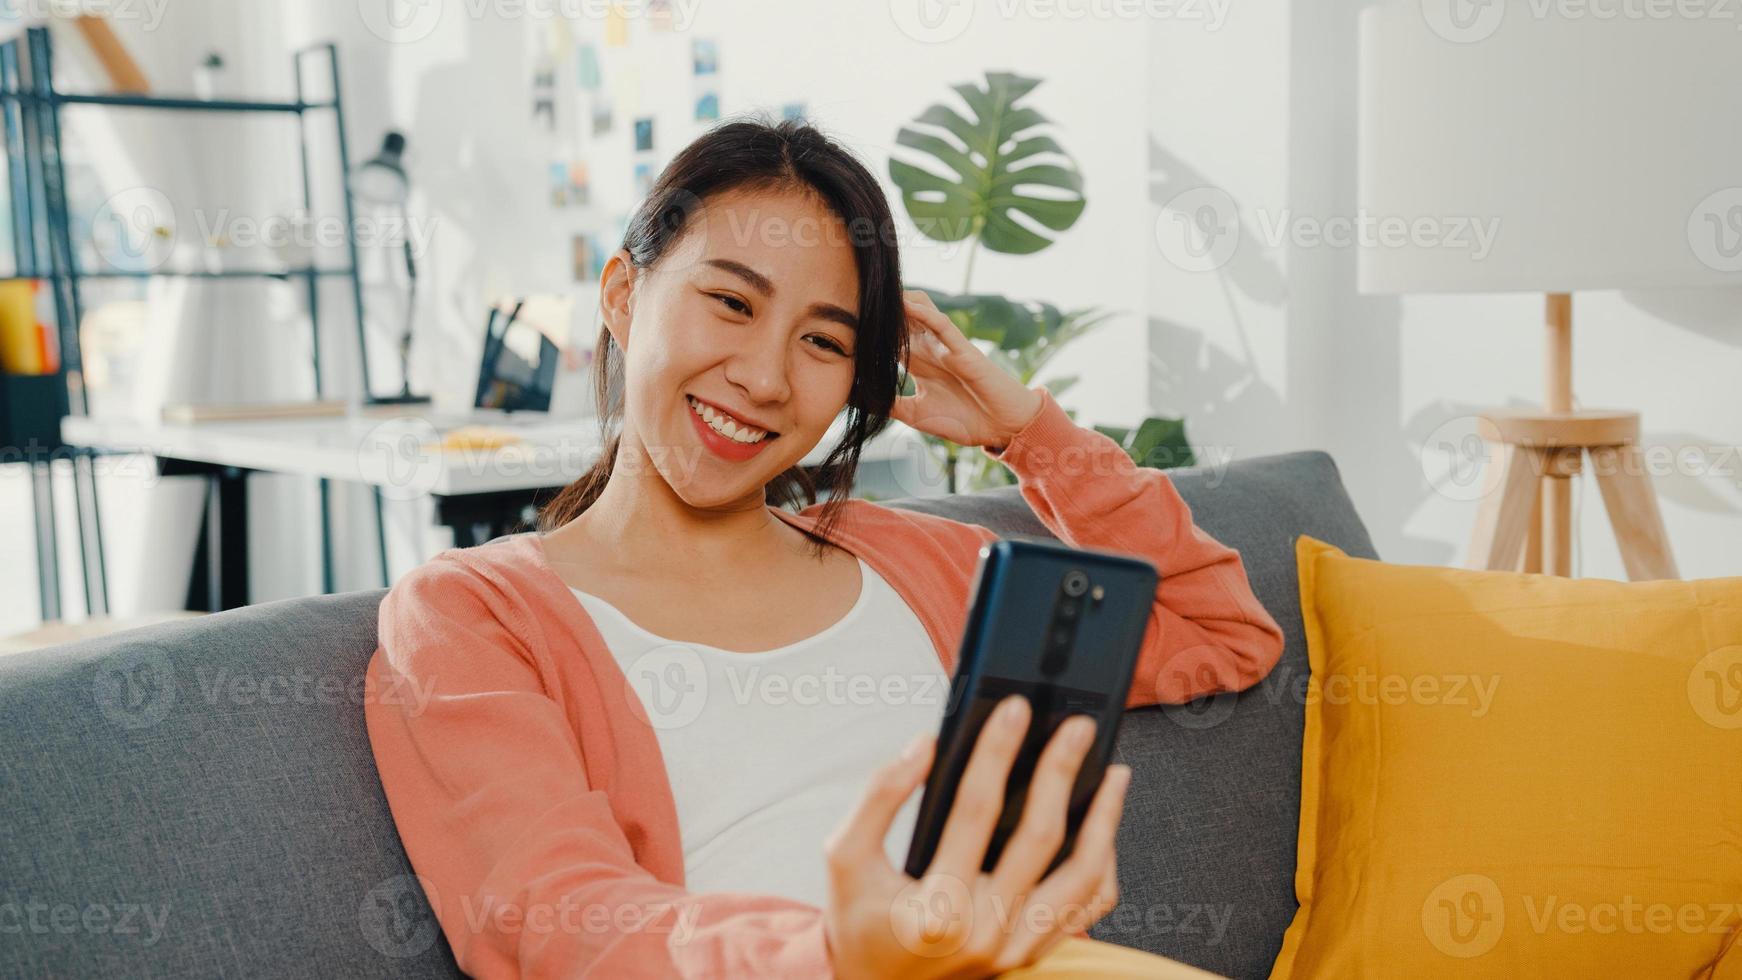 schöne asiatische dame lächelt und sitzt auf dem sofa rufen telefongespräche sagen hallo mit der familie zu hause. zu Hause bleiben, Fernbeziehung, Familienbeziehung, Abstand halten, Covid-Quarantänekonzept. foto